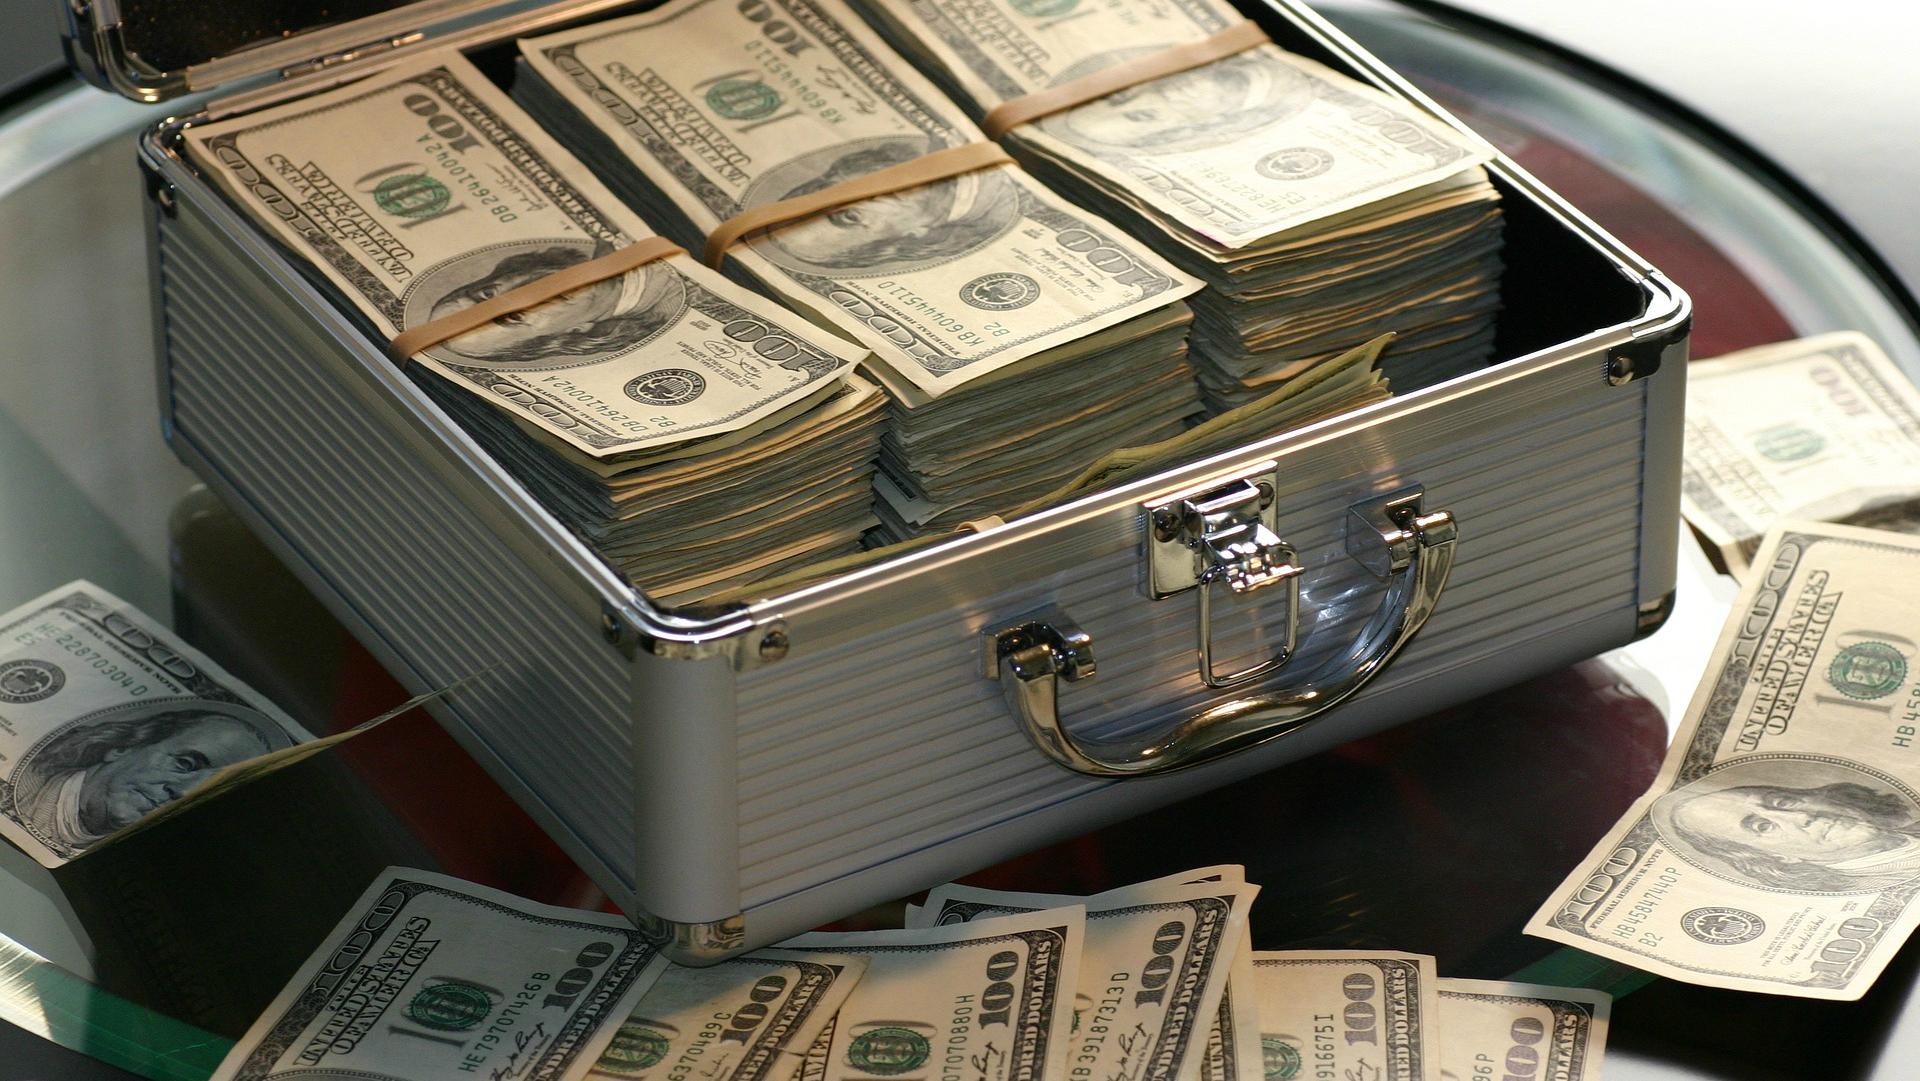 vieglāk kļūt bagāts cik daudz naudas man vajadzētu sākt ieguldīt bitcoin